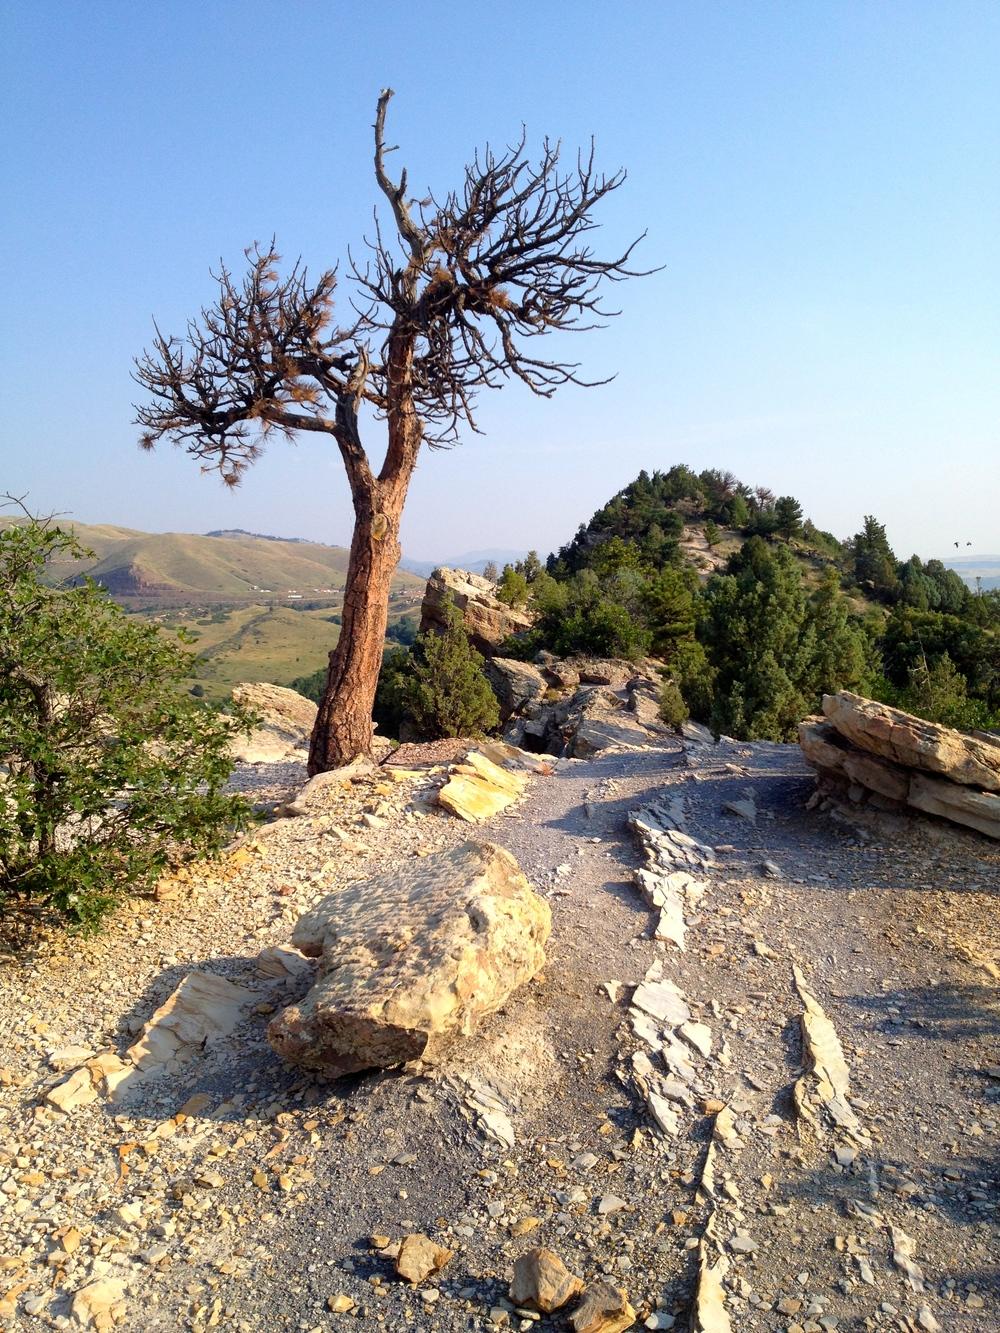 Views along the Dakota Ridge Trail